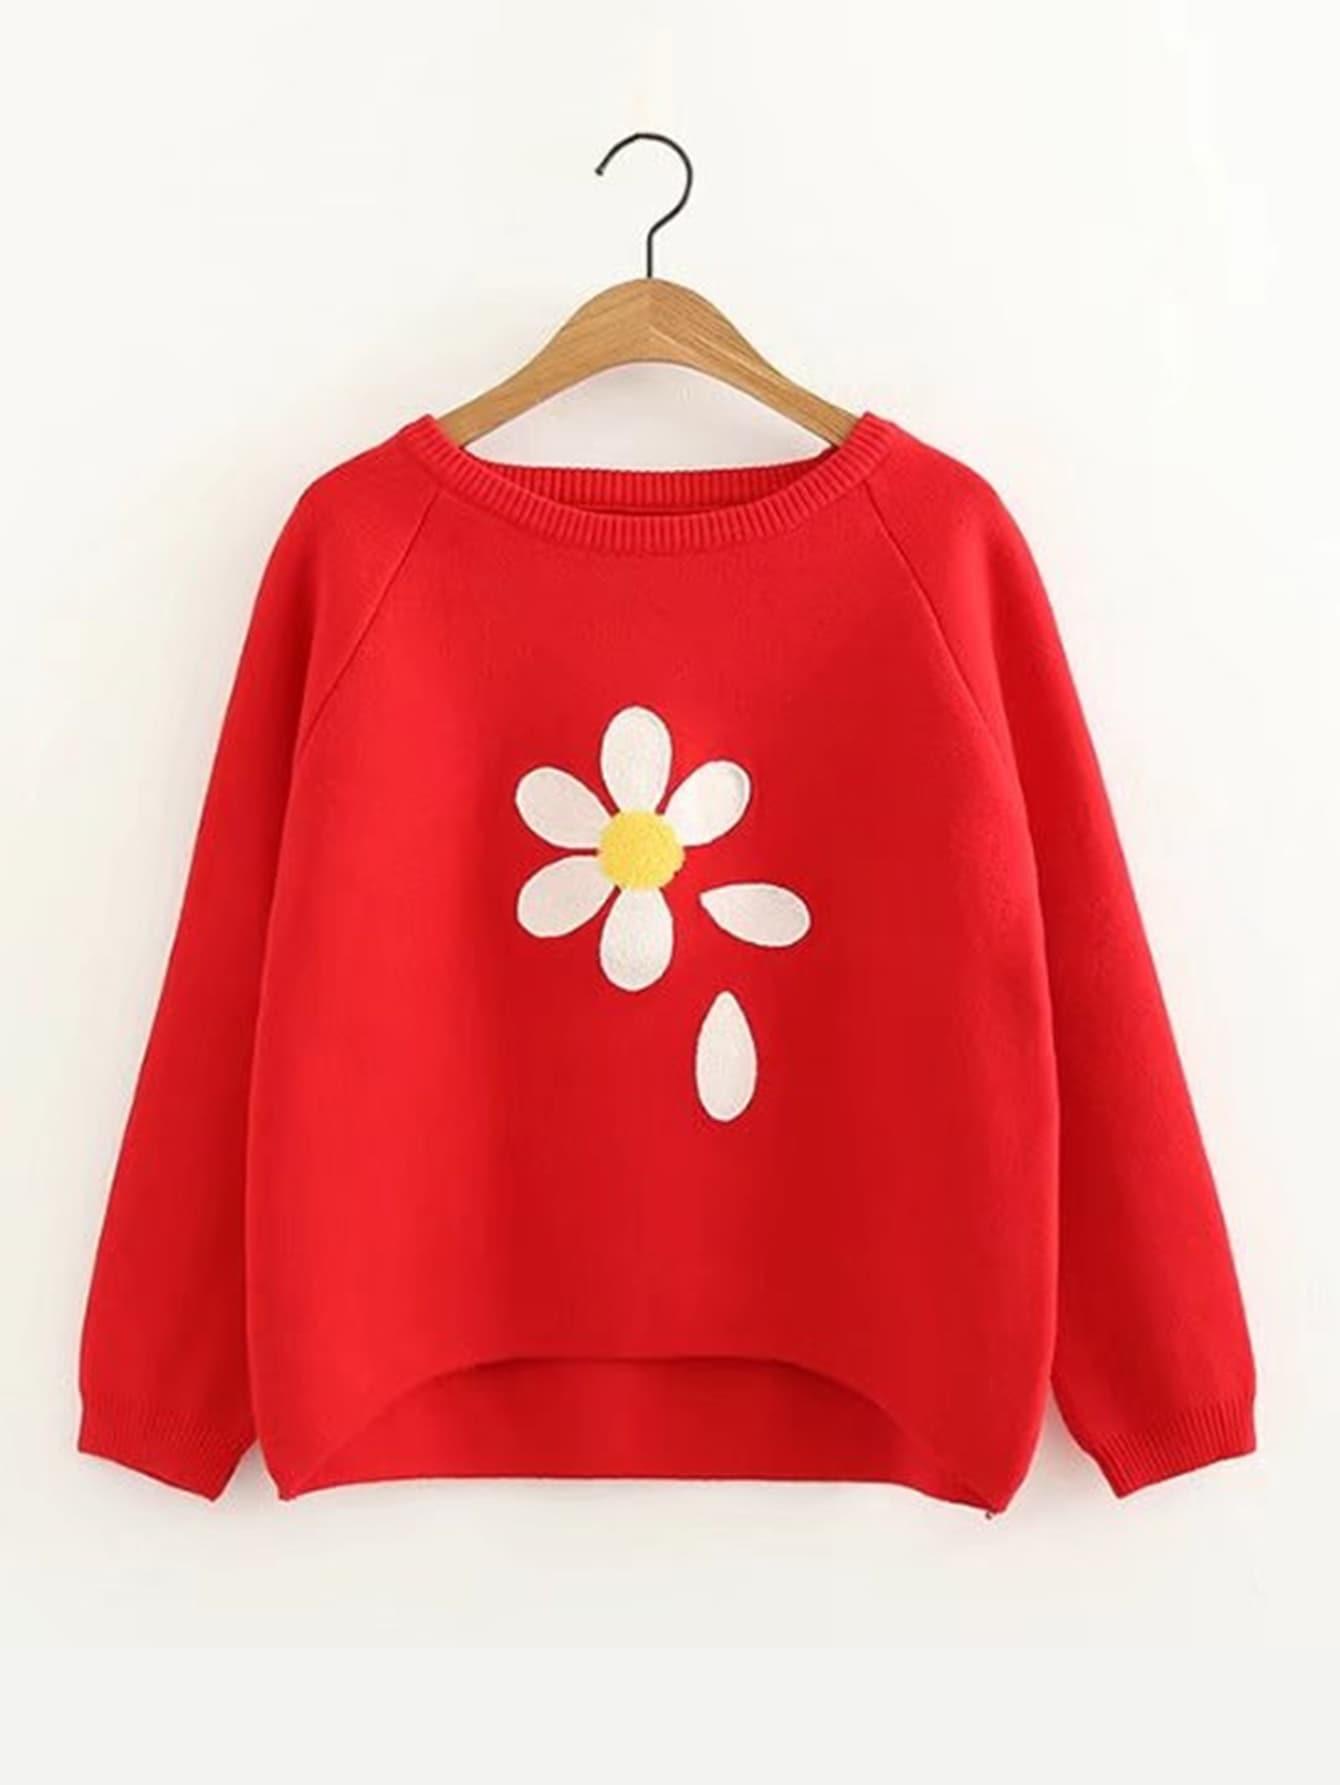 Pullover mit Raglan Ärmeln, abfallendem Saum und Blumen